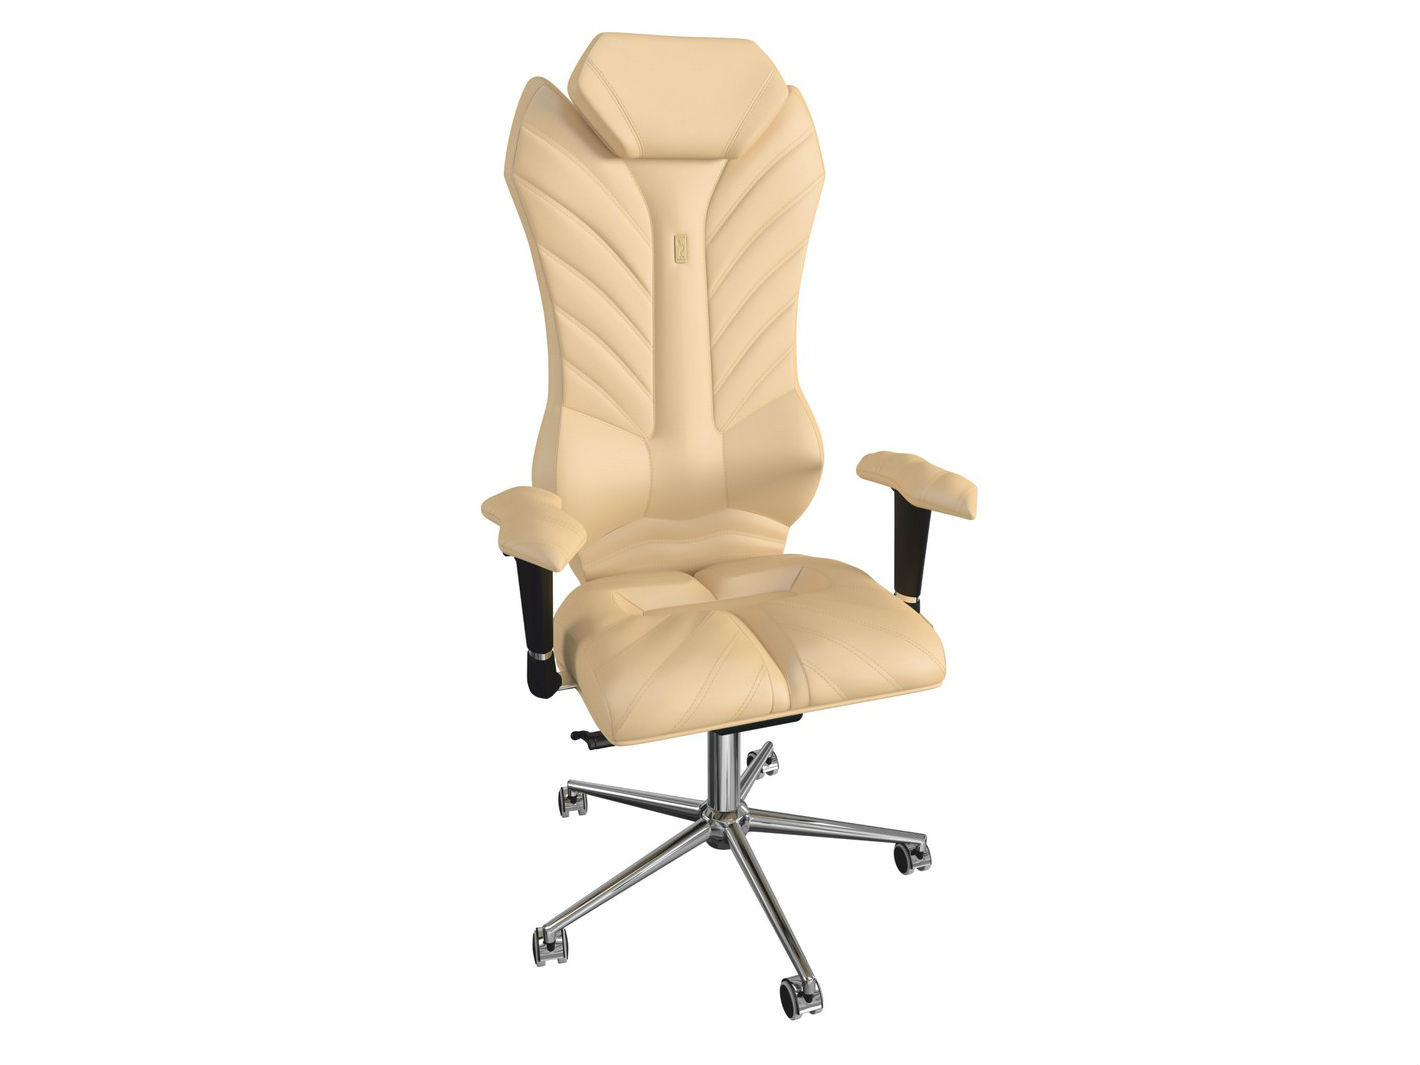 Кресло MONARCHРабочие кресла<br>Отличное решение для тех, кто ценит комфорт и любит свободное пространство. Имперское величие и викторианское изящество придают креслу вид аристократизма и благородства.&amp;amp;nbsp;<br><br>Material: Кожа<br>Length см: None<br>Width см: 76<br>Depth см: 58<br>Height см: 147<br>Diameter см: None